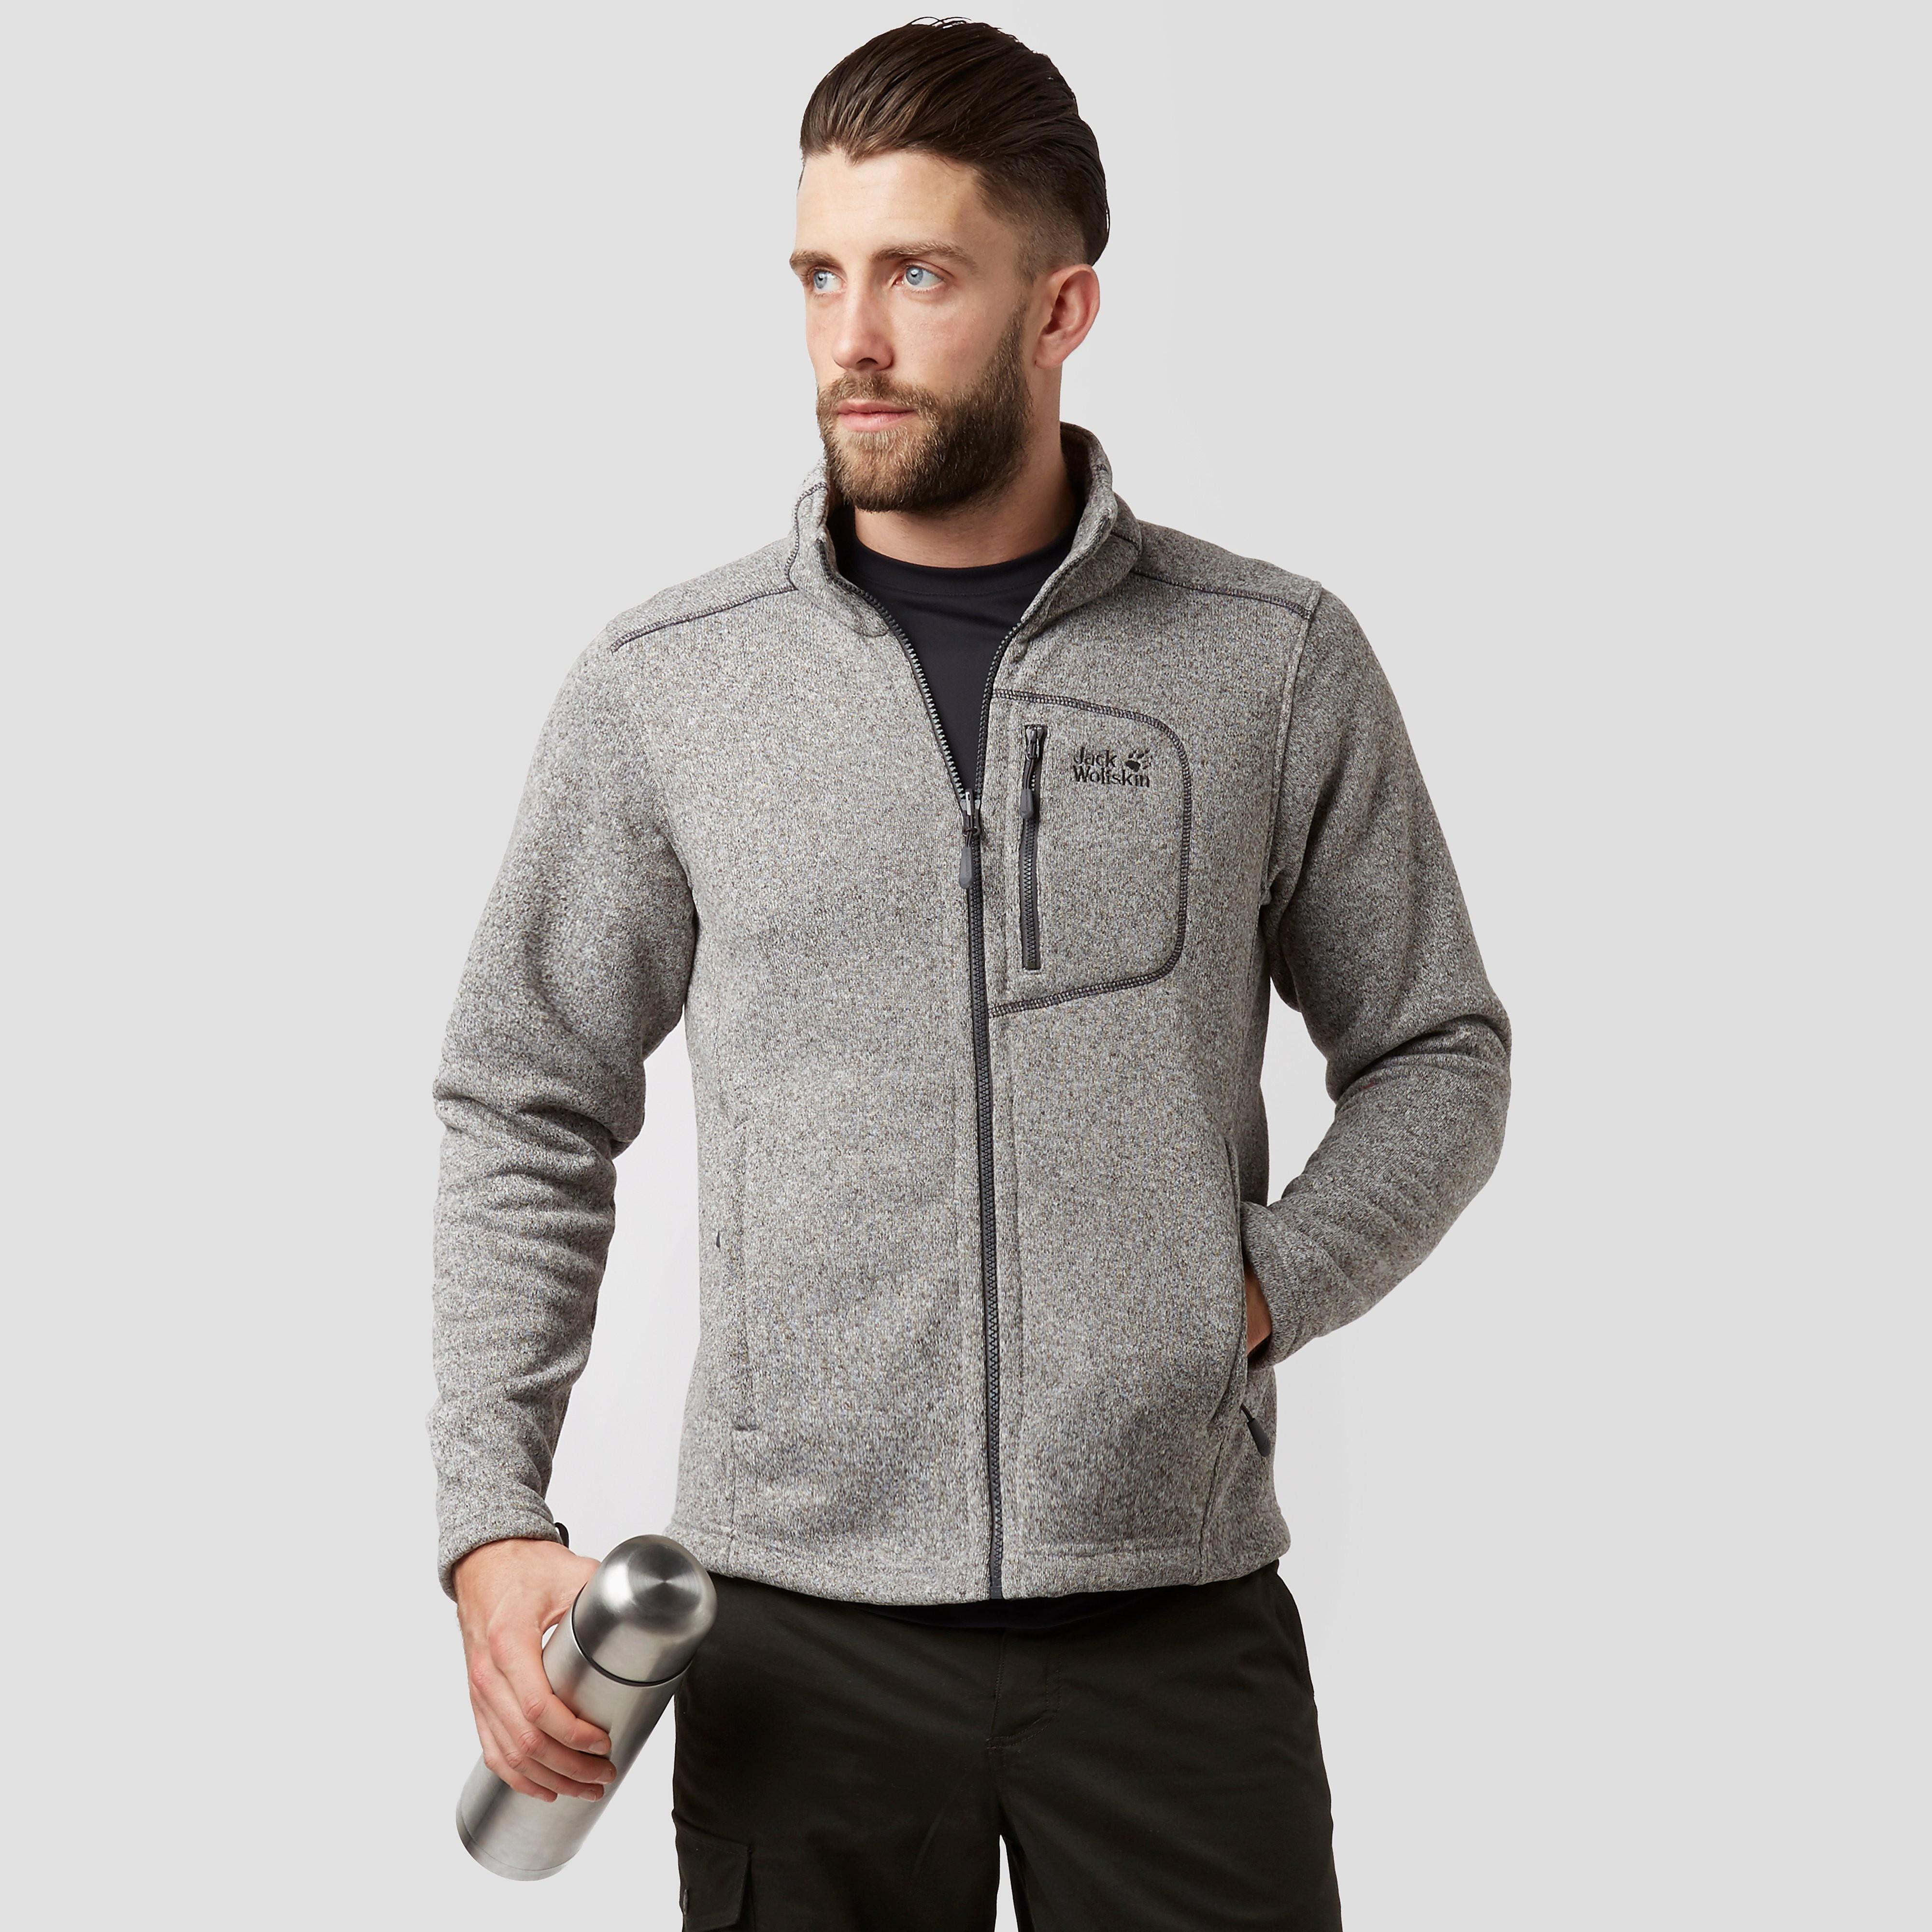 Jack Wolfskin Caribou Men's Fleece Jacket